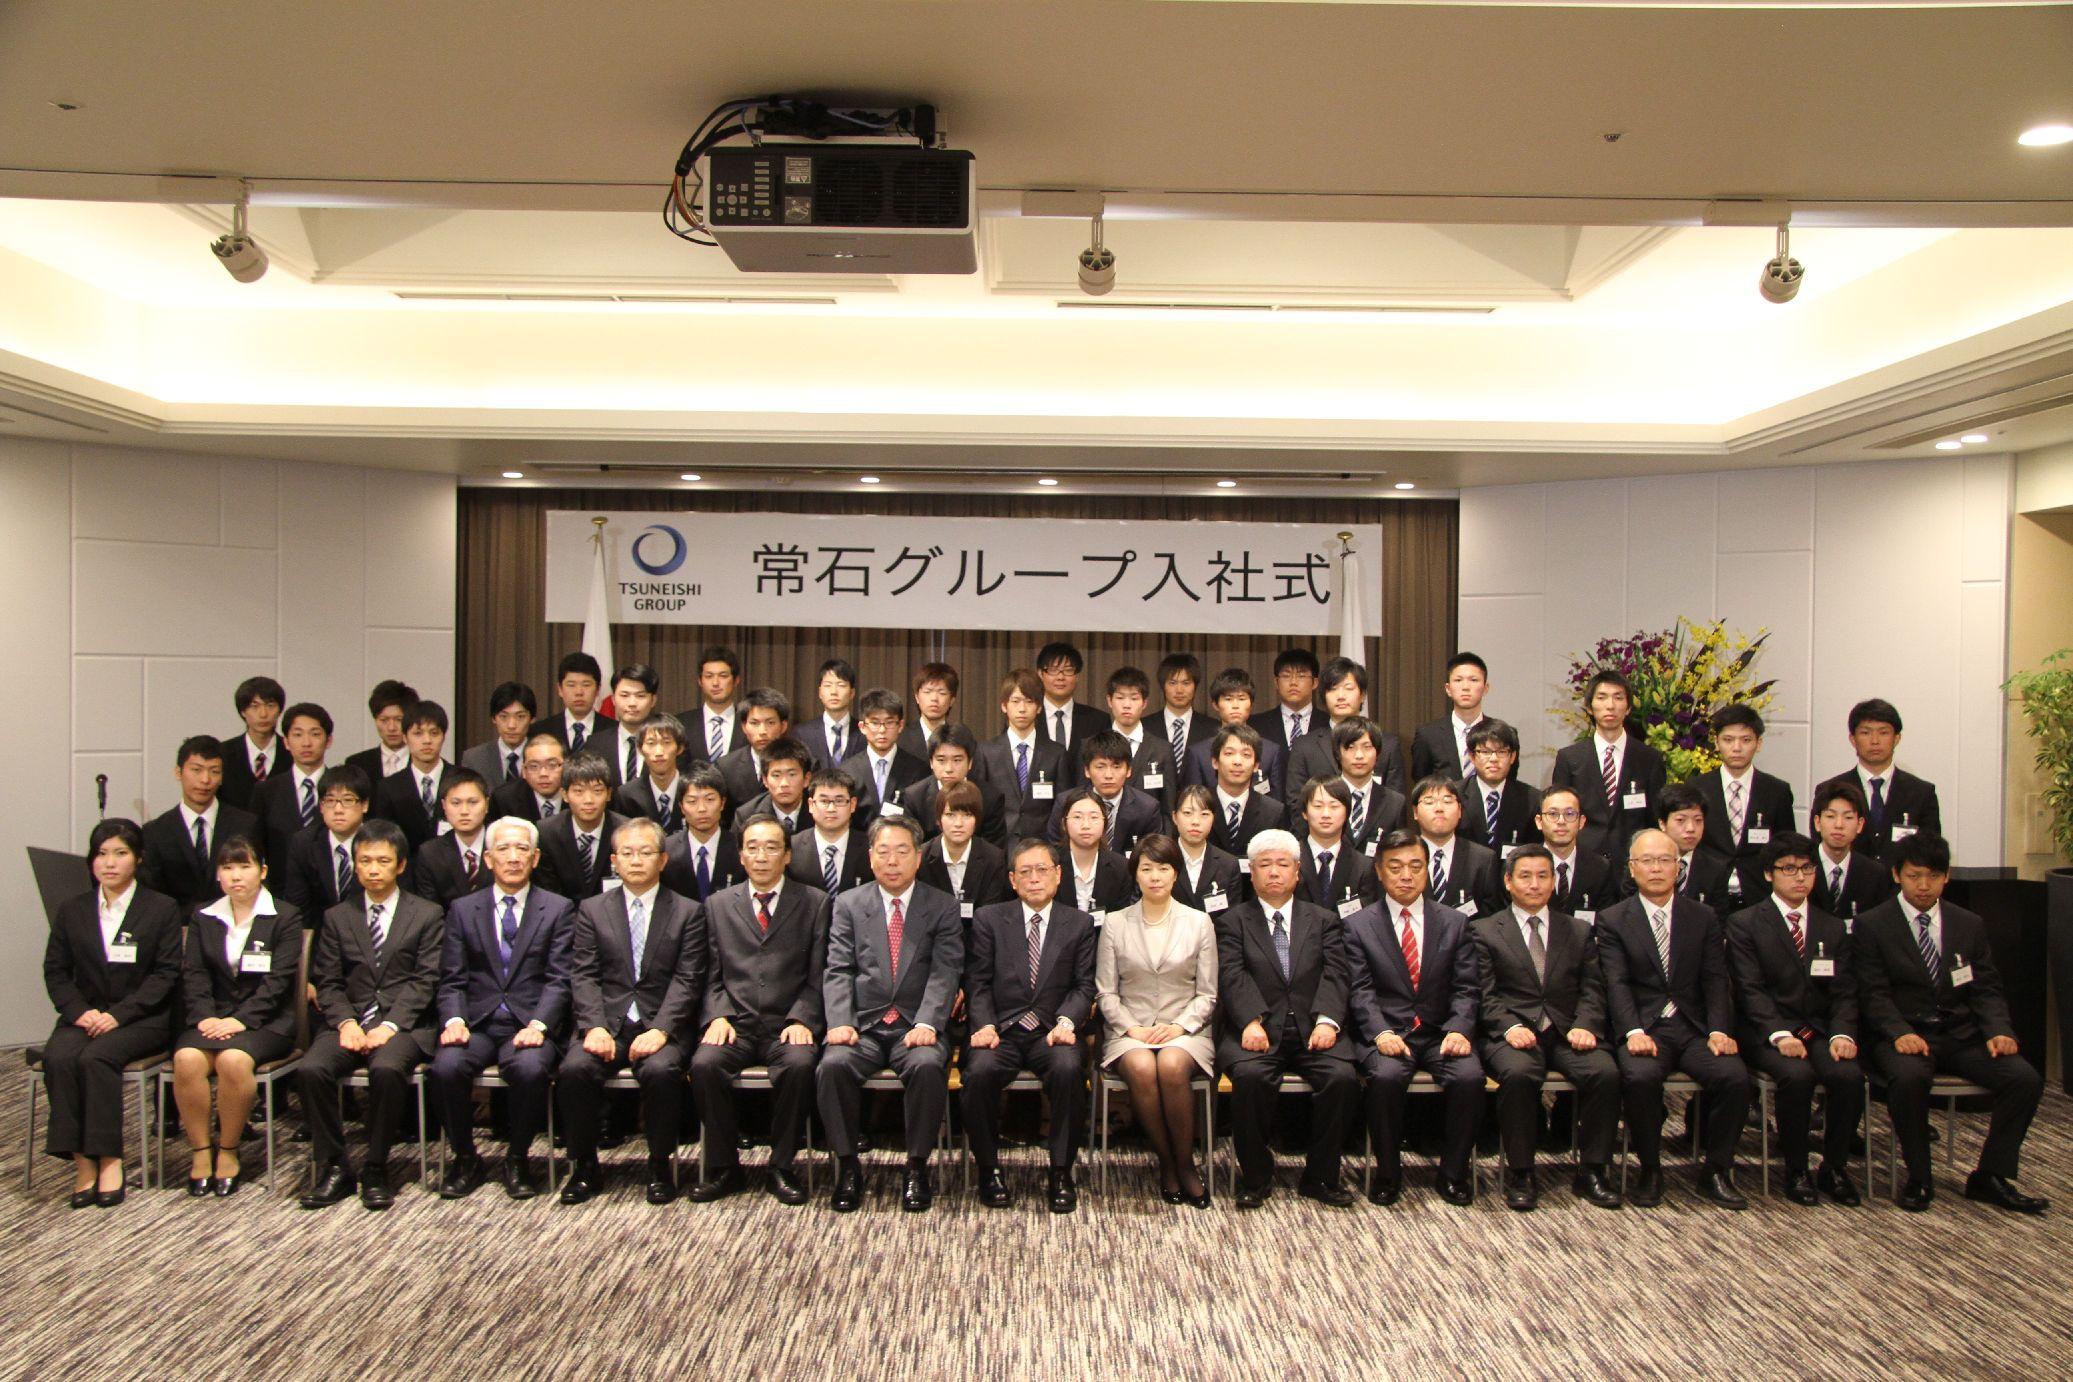 2015年度常石グループ入社式、52人の新入社員が希望を胸に出航!